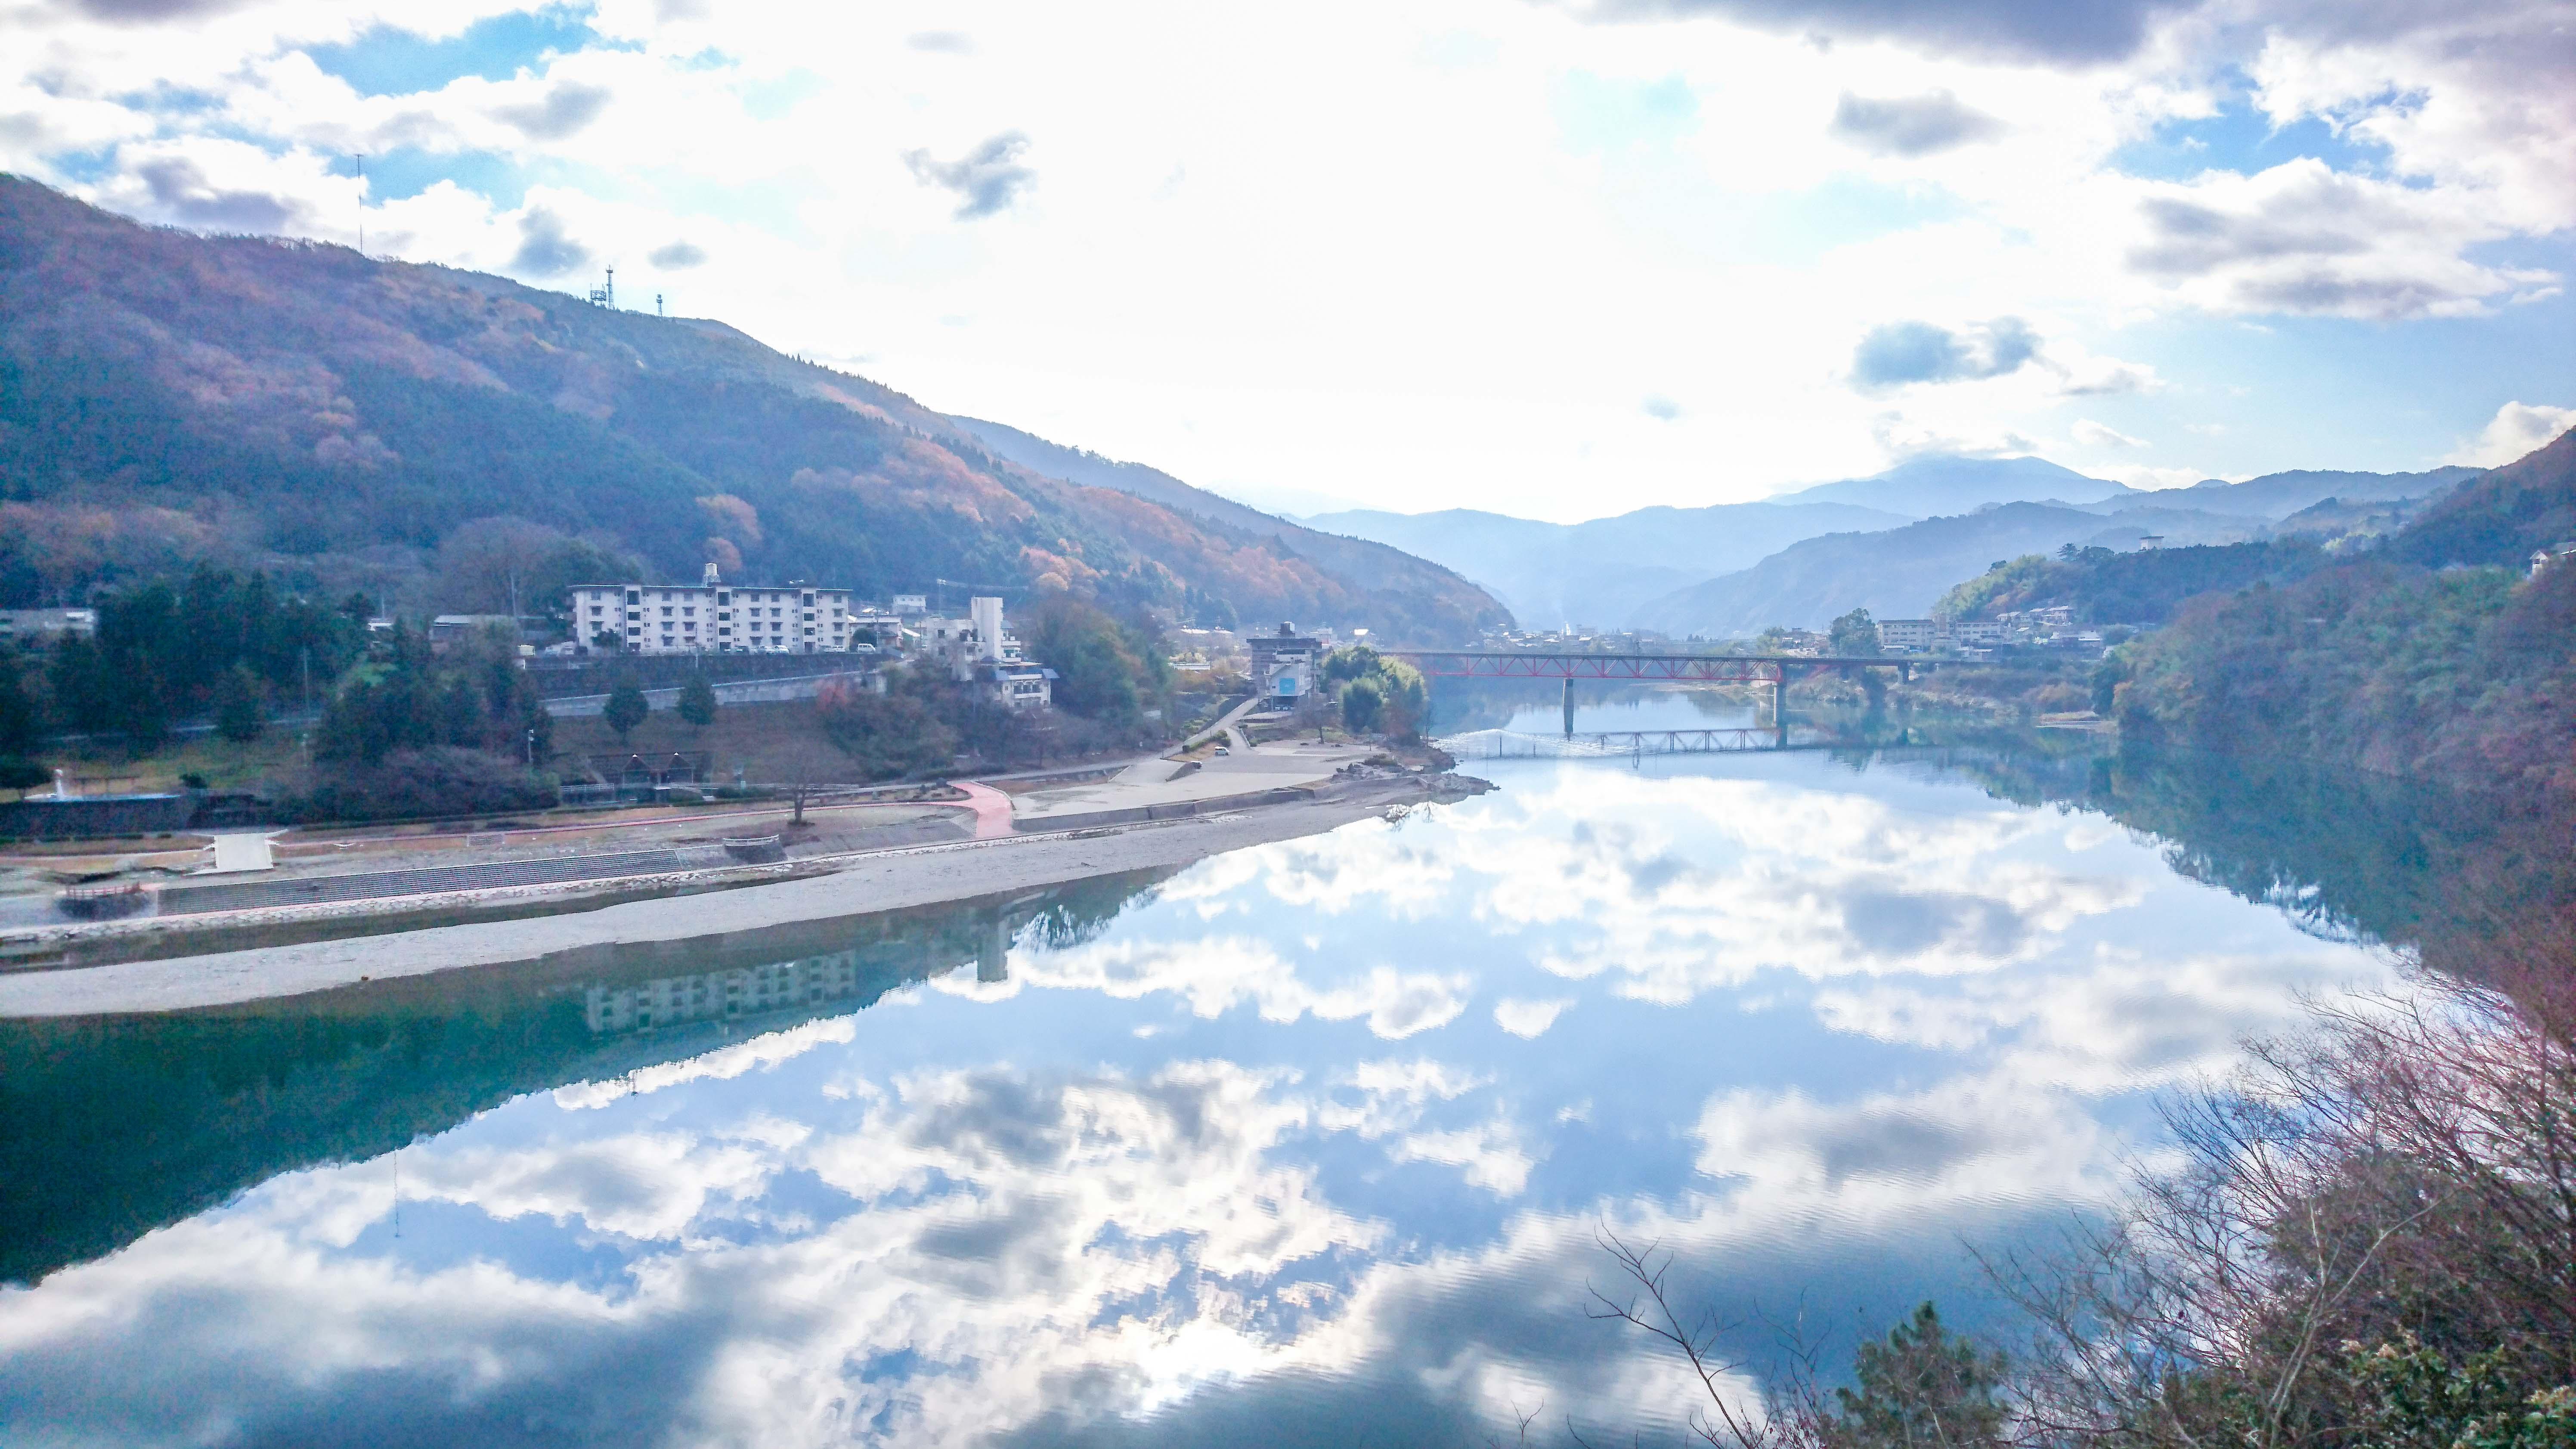 池田湖、ウユニ塩湖のような絶景!